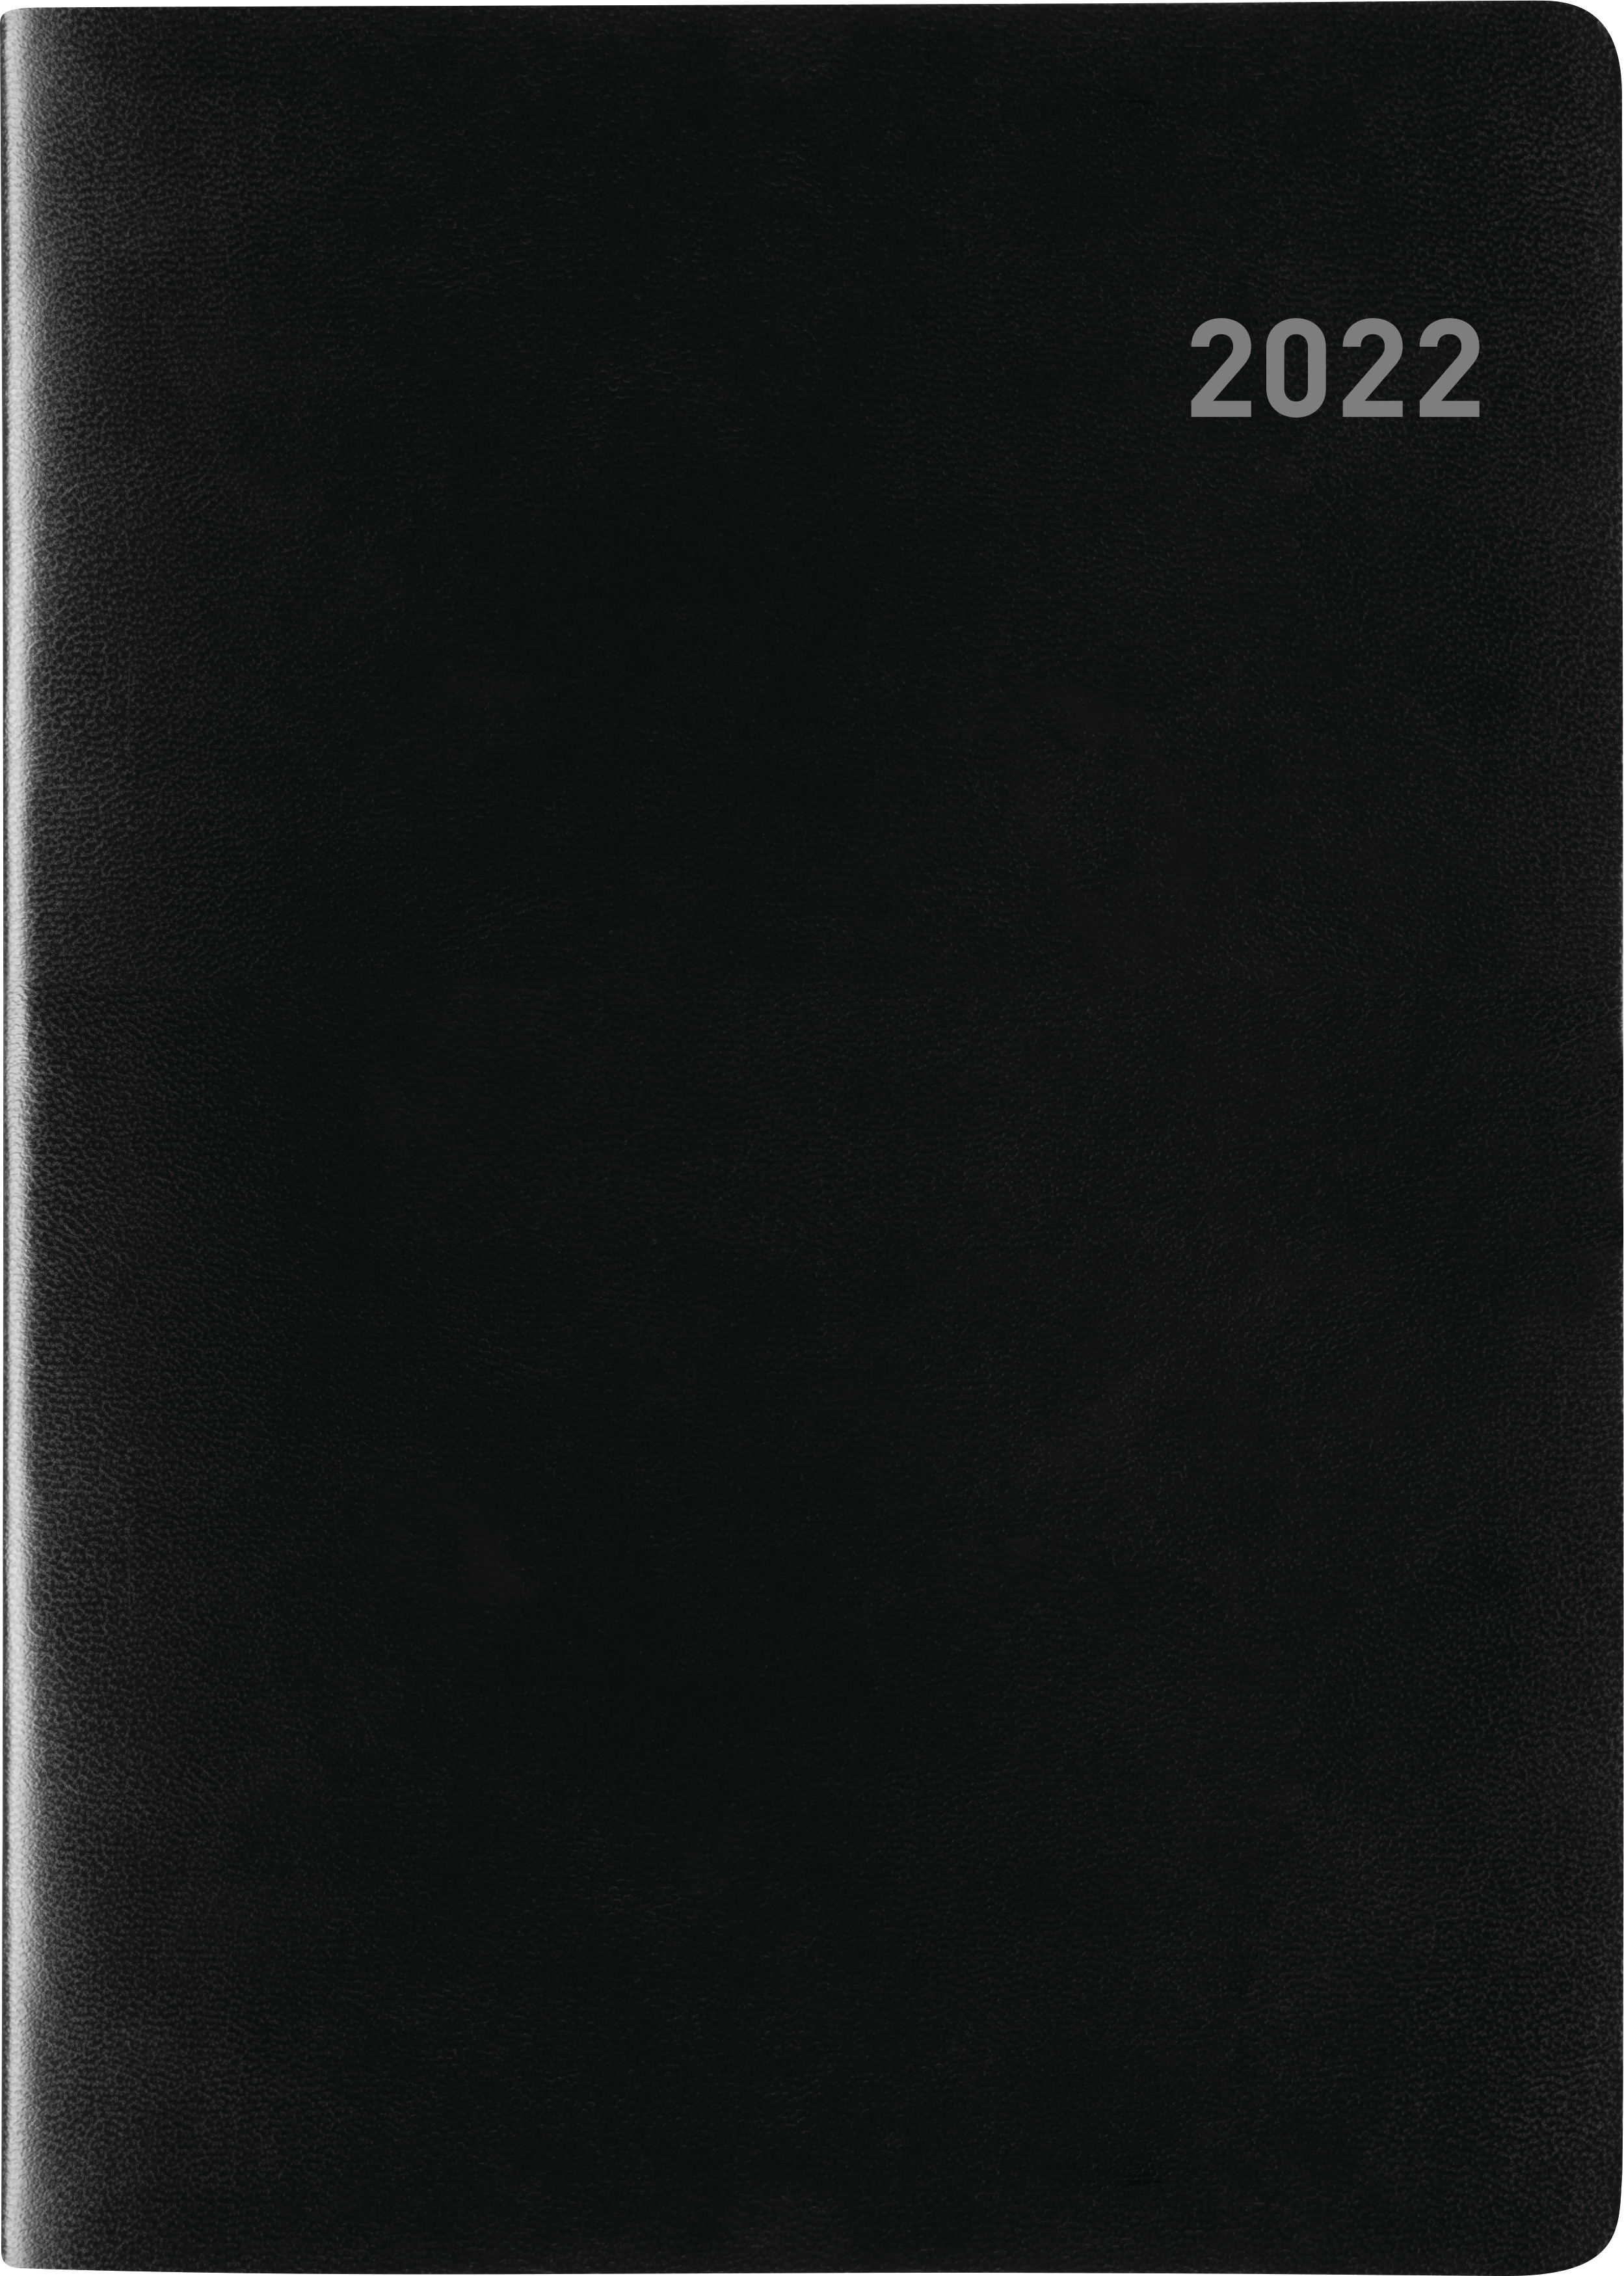 BIELLA GA Square 2022 0807530.020022 17x24cm 1M/2S schwarz